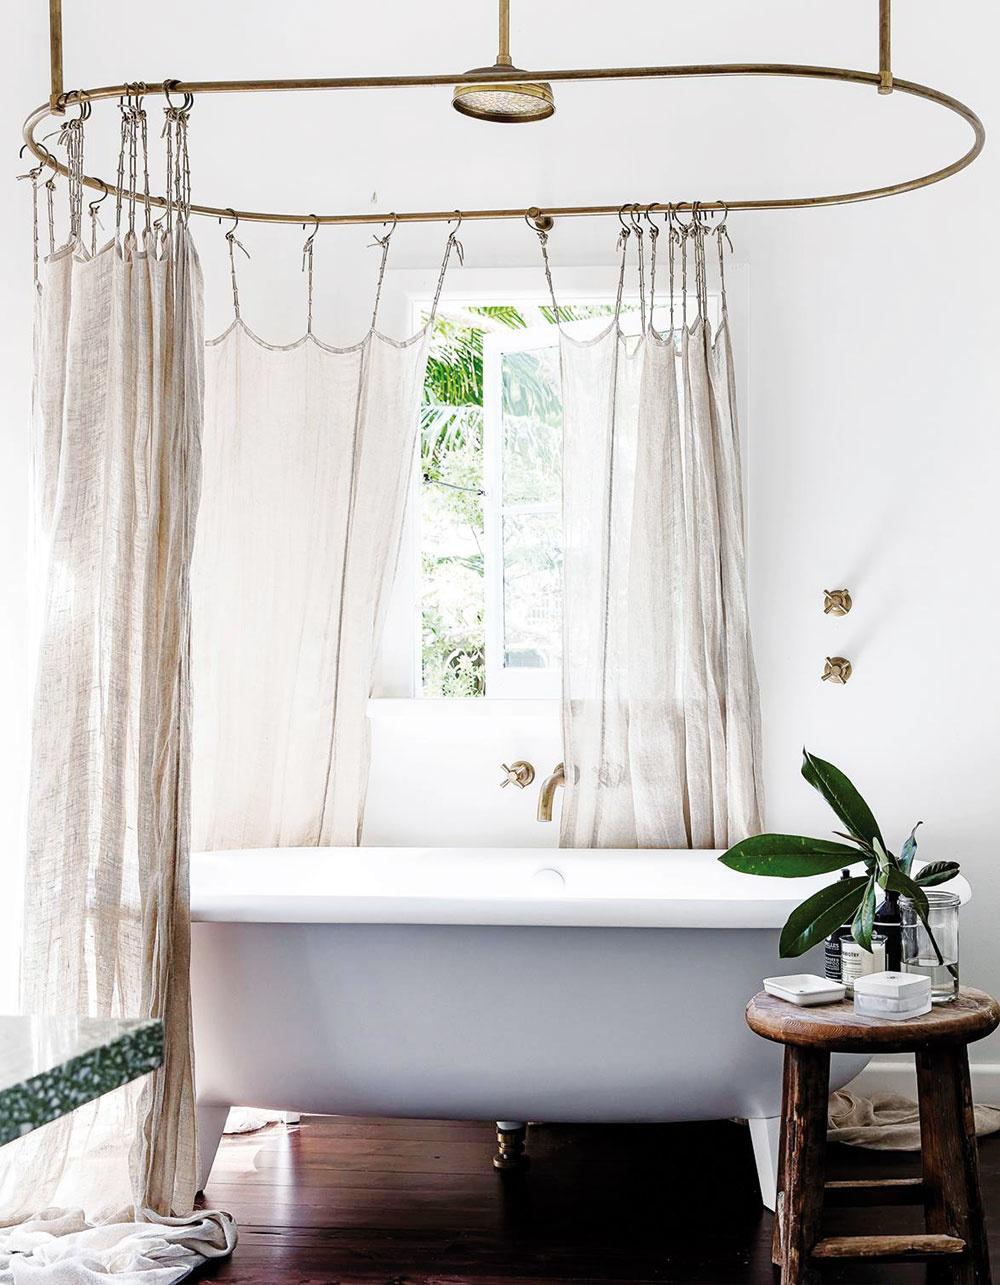 Kráľovský kúpeľ. Ak nemôžete prerobiť spálňu, doprajte si romantiku napríklad vkúpeľni. Samostatne stojaca vaňa sbaldachýnom premení obyčajnú sprchu na wellness.